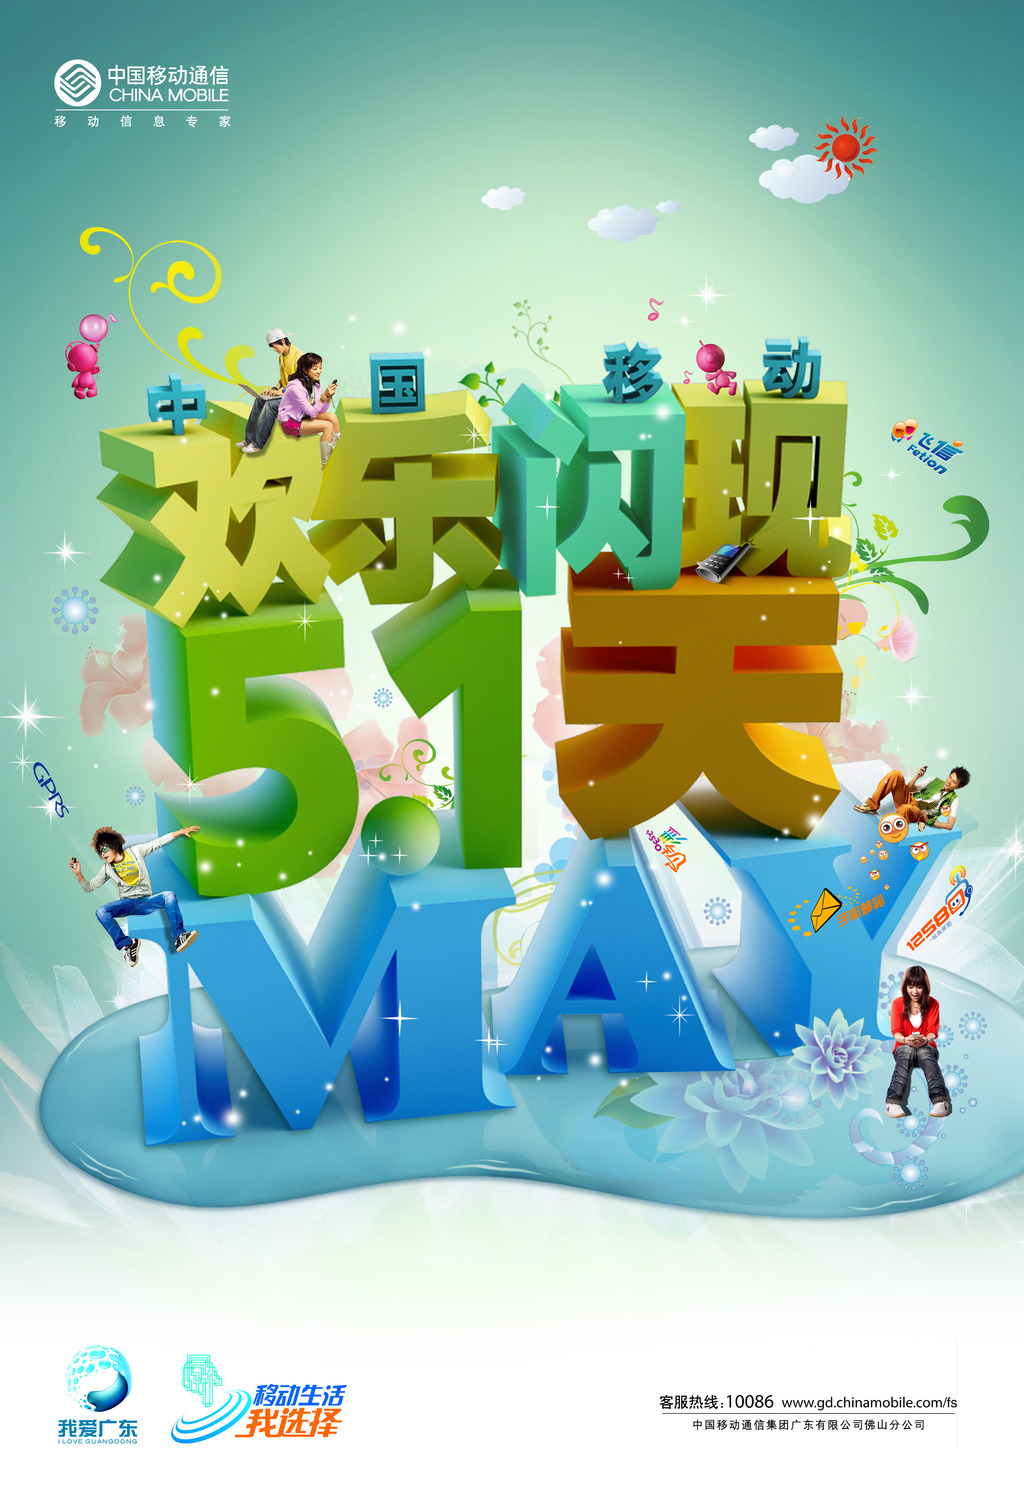 中国移动活动海报